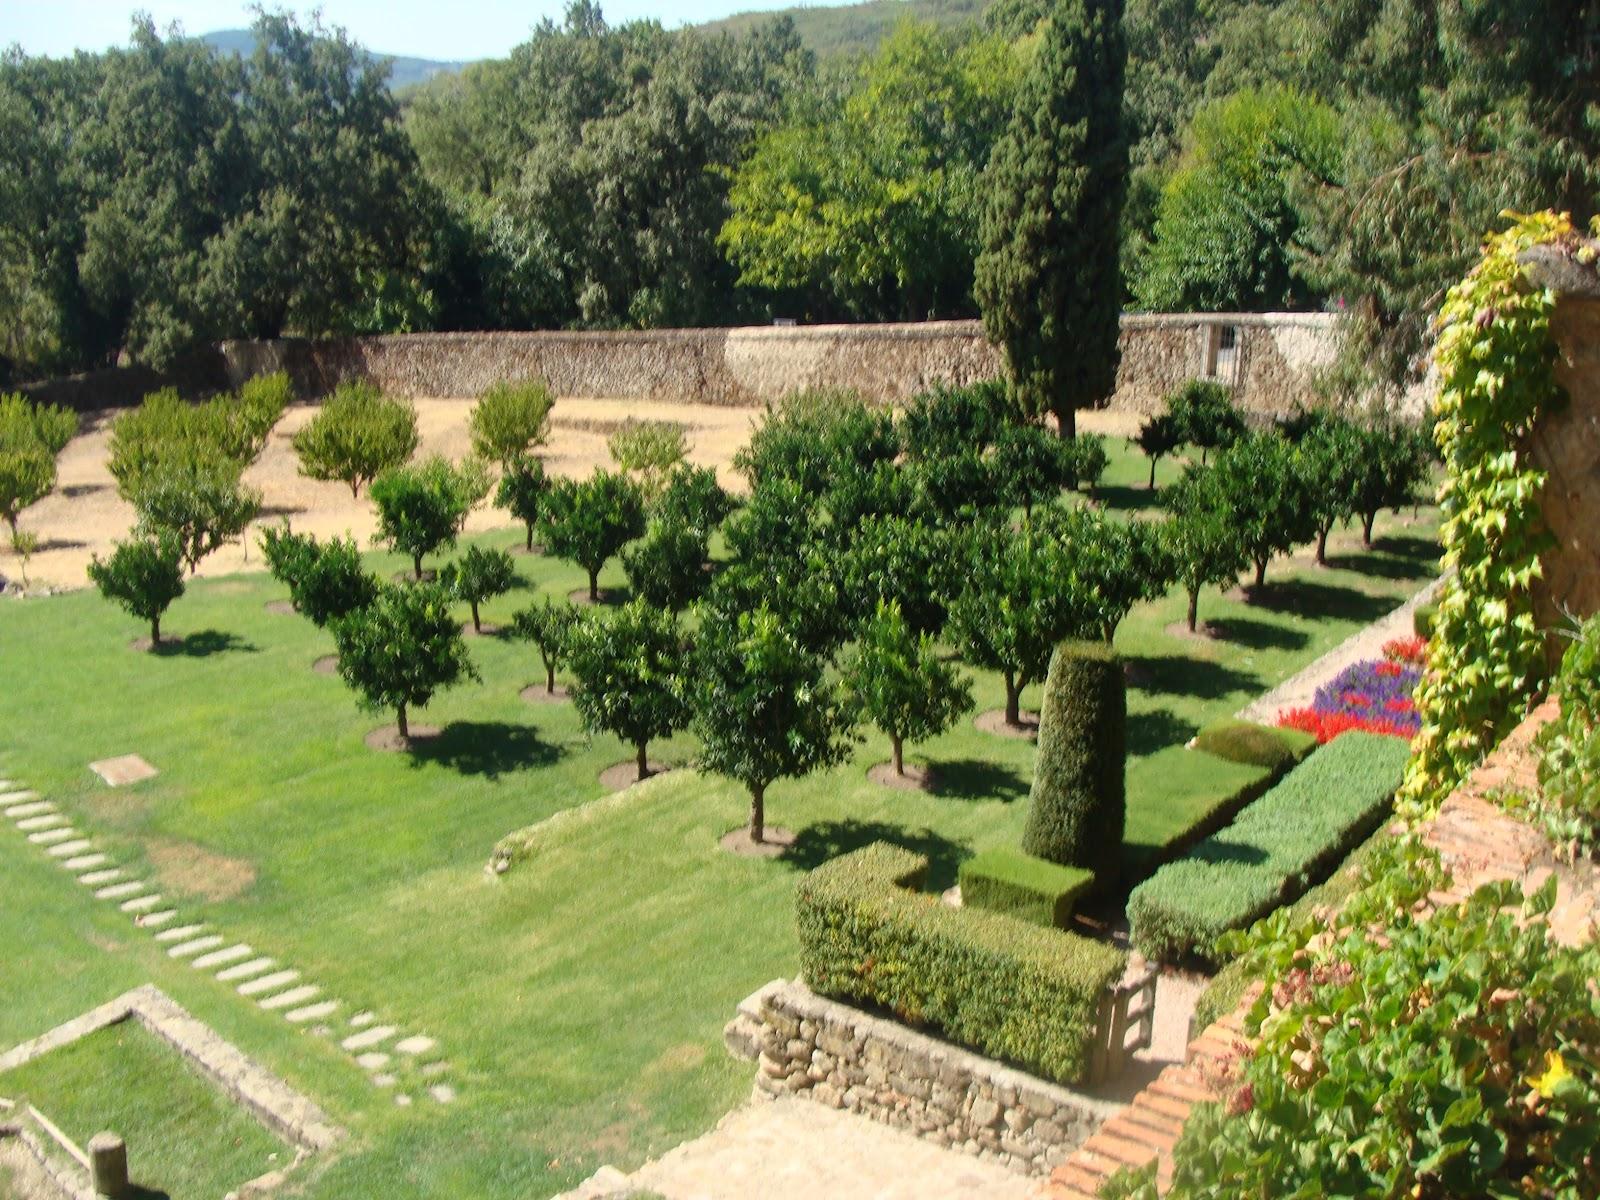 Jardin con arboles top descargar la imagen with jardin for Arboles frutales para jardin